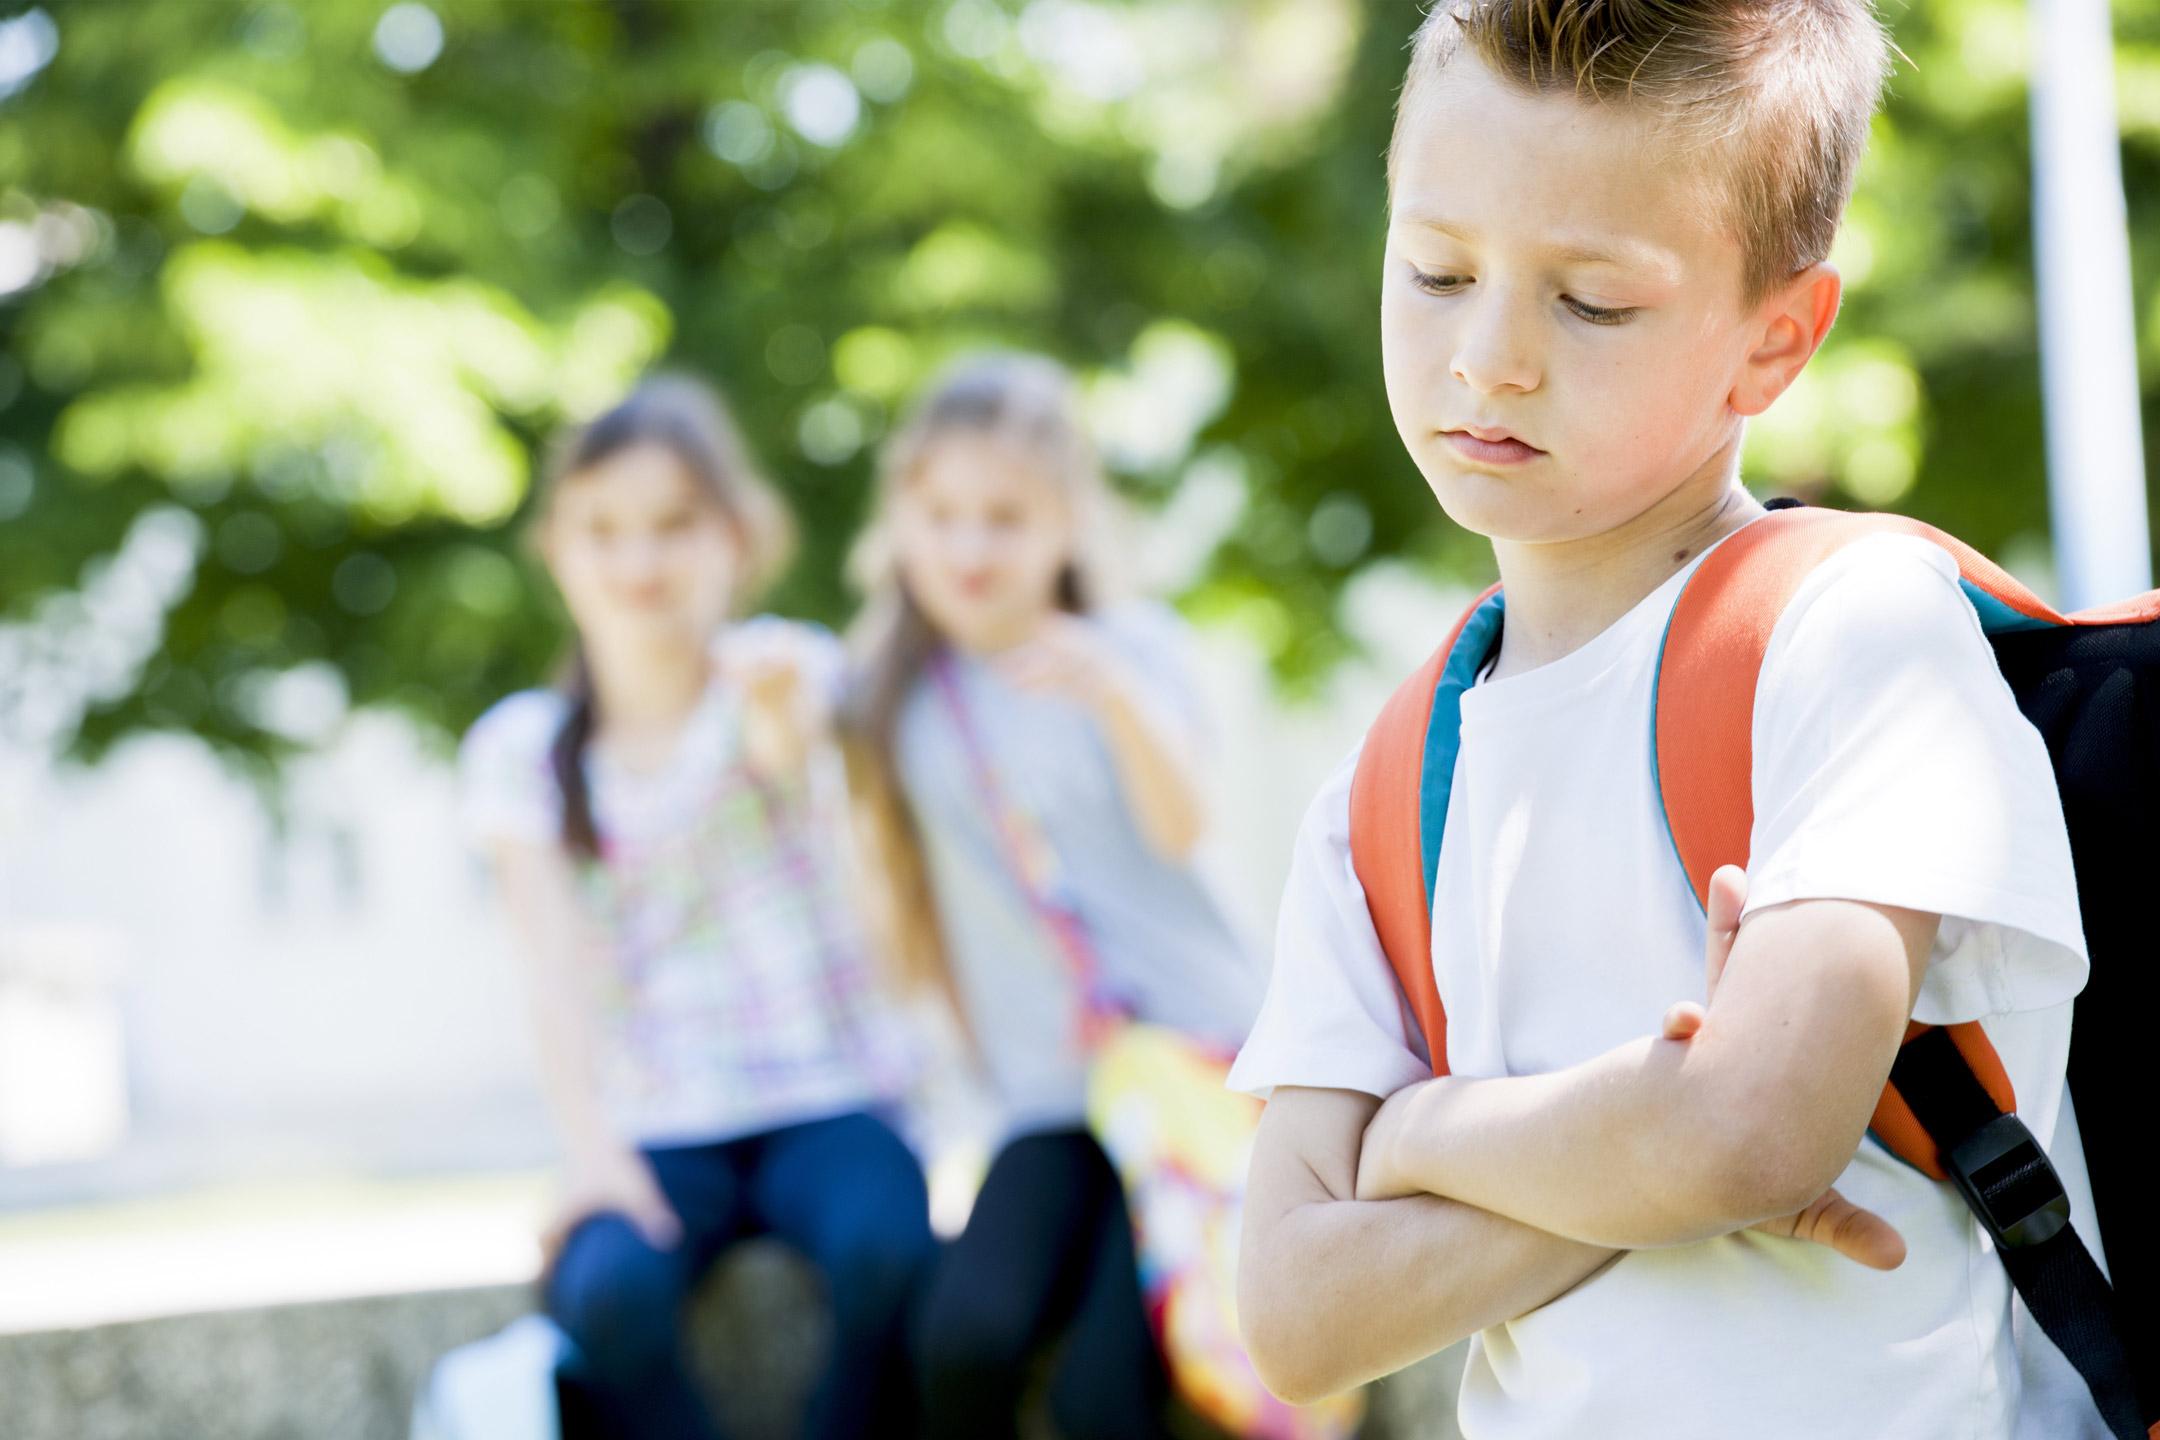 school-boy-bullying-toxic-friends2160